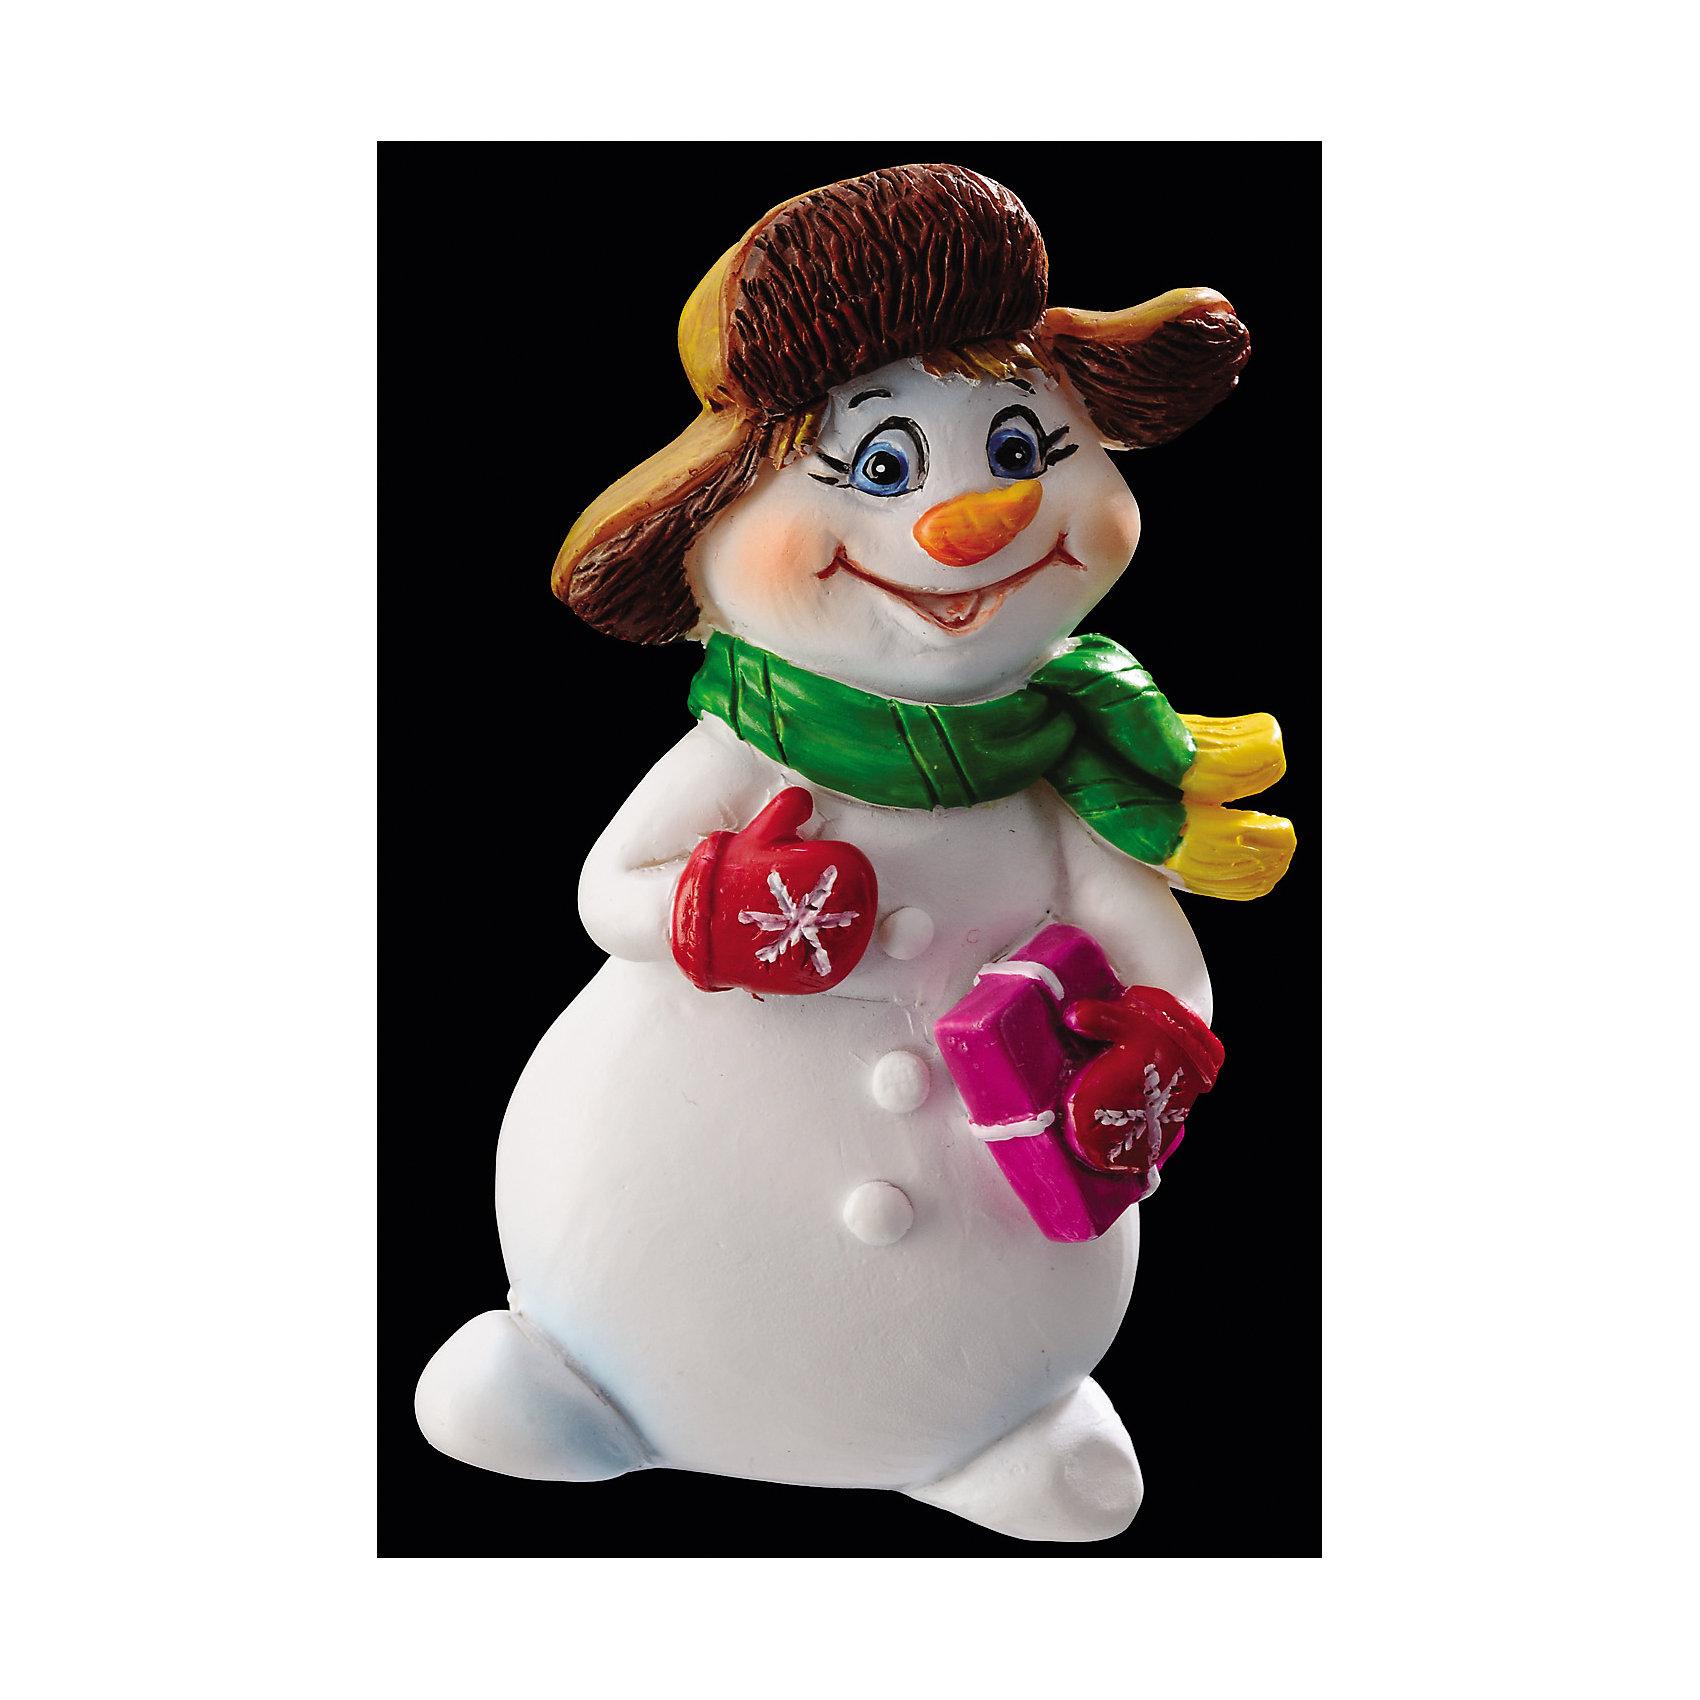 Сувенир «СНЕГОВИК» на магните 7смВсё для праздника<br>Характеристики товара:<br><br>- материал: полимер;<br>- размер: 7 см;<br>- на магните;<br>- назначение: сувенир.<br><br>Каждый праздник имеет свои традиции, без которых он будет неполным. Вручение подарков и сувениров к Новому году - это уже часть праздника! Особую атмосферу поможет создать такой снеговик - символ Нового года.<br>Изделие произведено из материалов, безопасных для детей. Оно также станет отличным сувениром для коллег, знакомых или родных.<br><br>Сувенир «СНЕГОВИК» на магните можно купить в нашем интернет-магазине.<br><br>Ширина мм: 40<br>Глубина мм: 20<br>Высота мм: 70<br>Вес г: 36<br>Возраст от месяцев: 48<br>Возраст до месяцев: 144<br>Пол: Унисекс<br>Возраст: Детский<br>SKU: 5033628